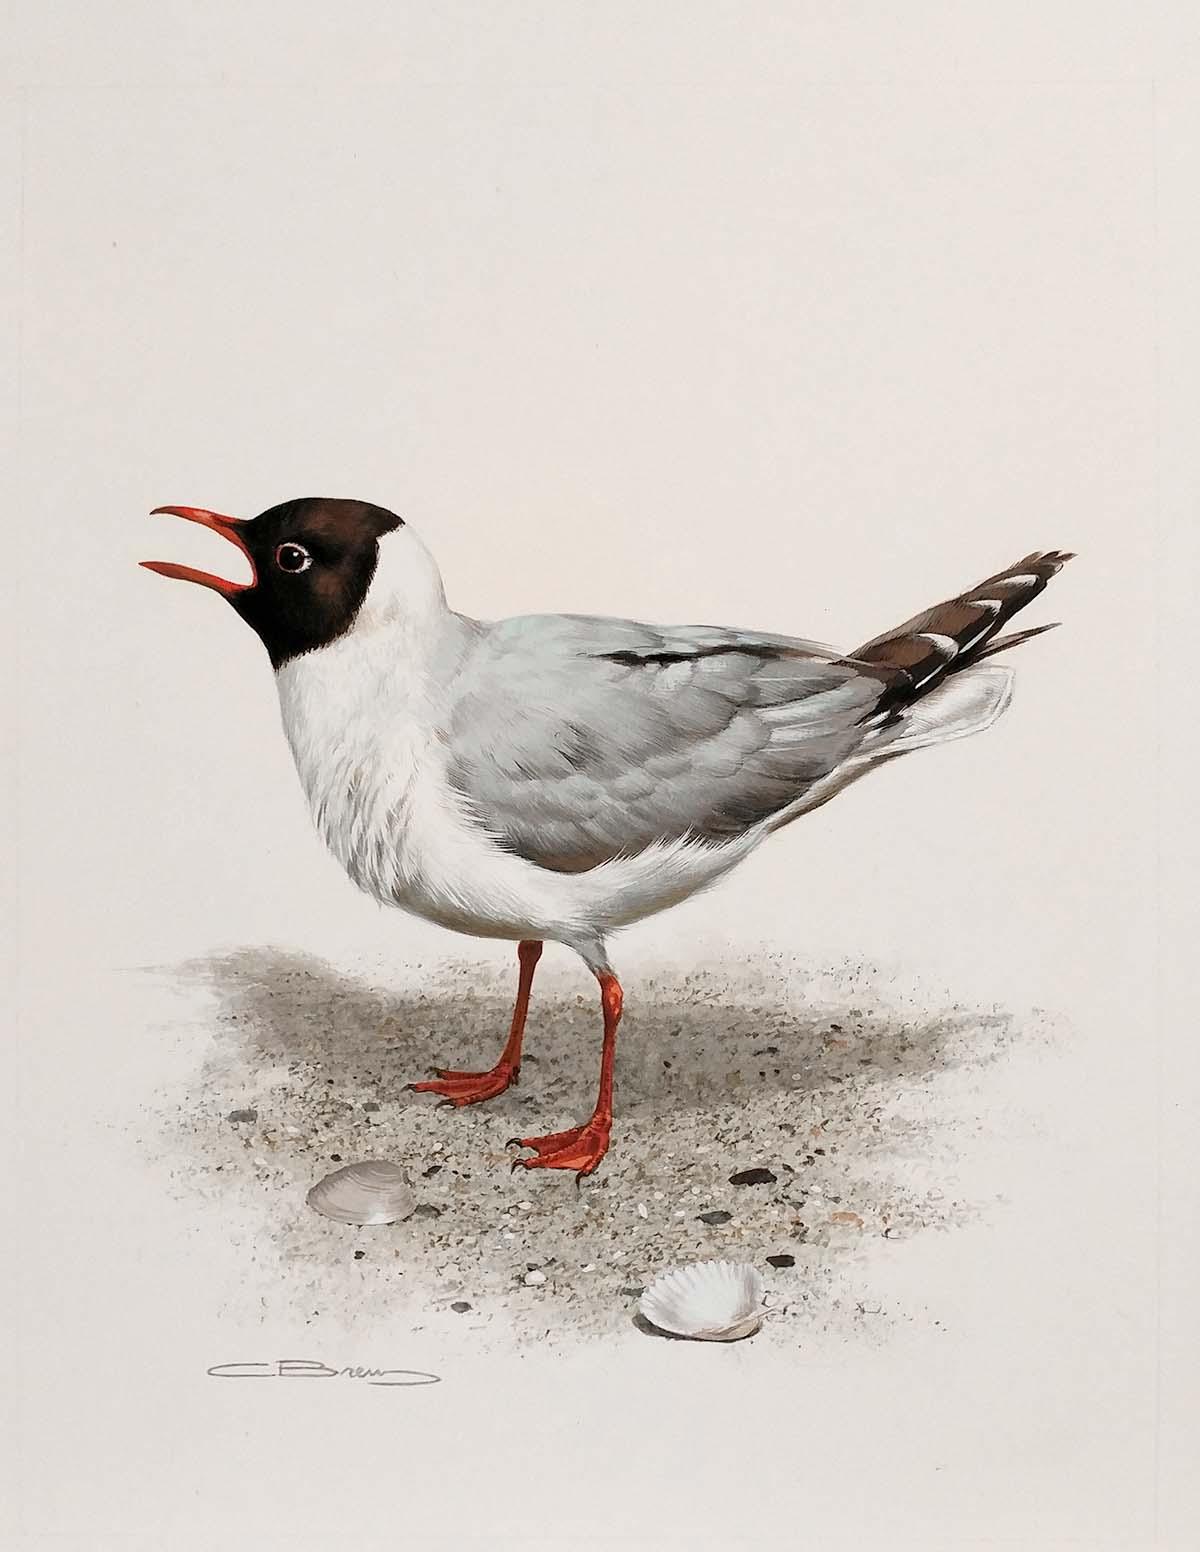 Laughing Gull - Carl Brenders